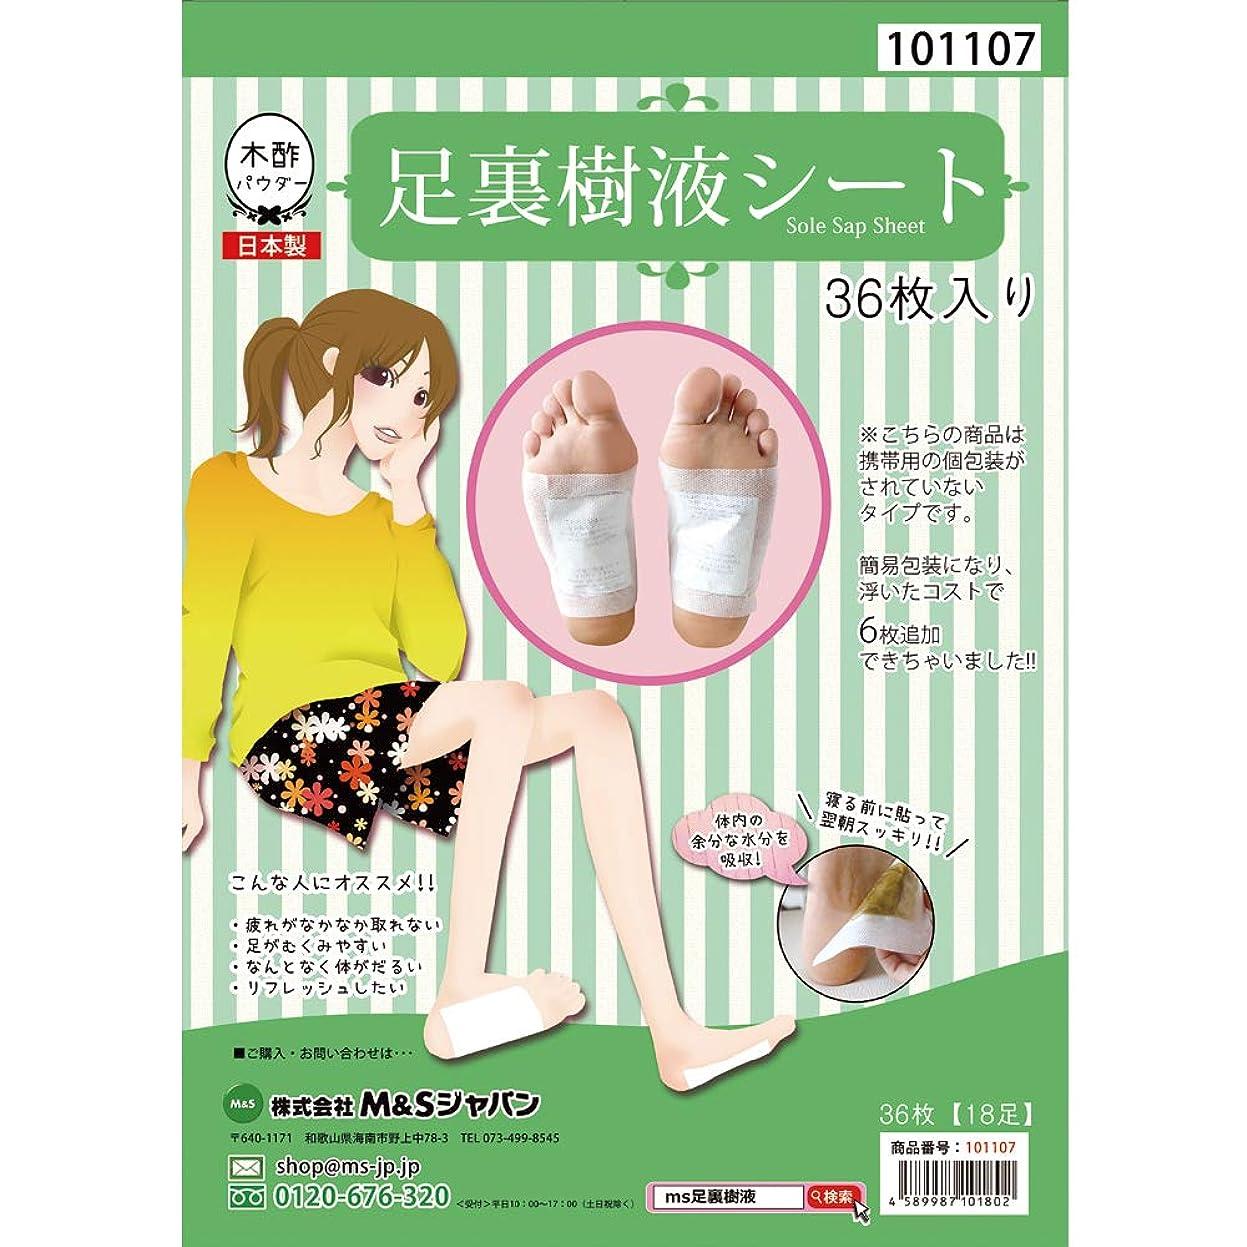 ゴミアイスクリーム毒性日本製 足裏樹液シート 足裏シート お得 人気 樹液シート 足裏 (36枚入り)